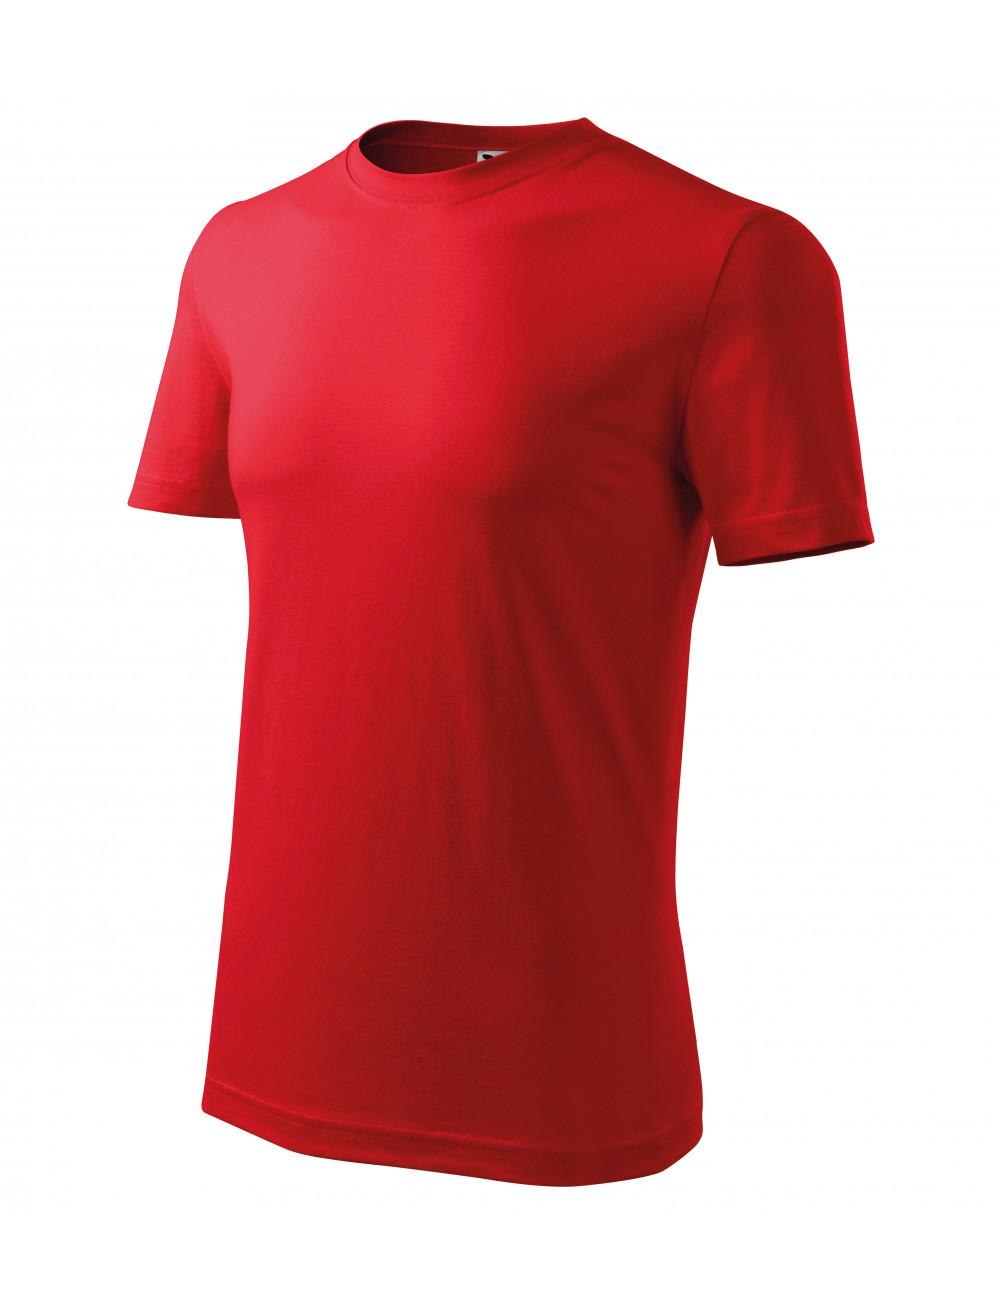 Adler MALFINI Koszulka męska Classic New 132 czerwony